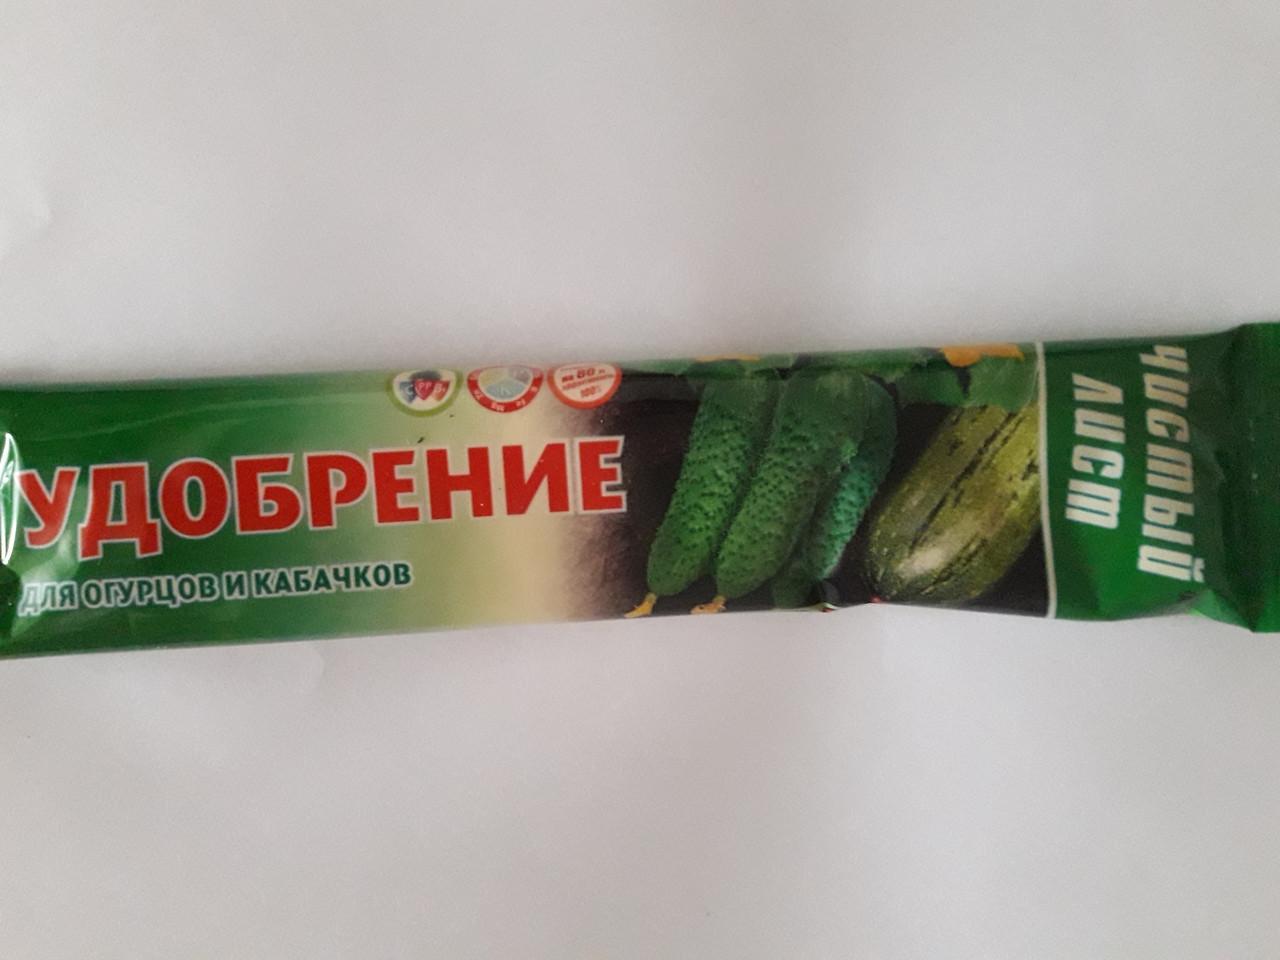 """Удобрение для огурцов и кабачков """"Чистый Лист"""", 100 г."""